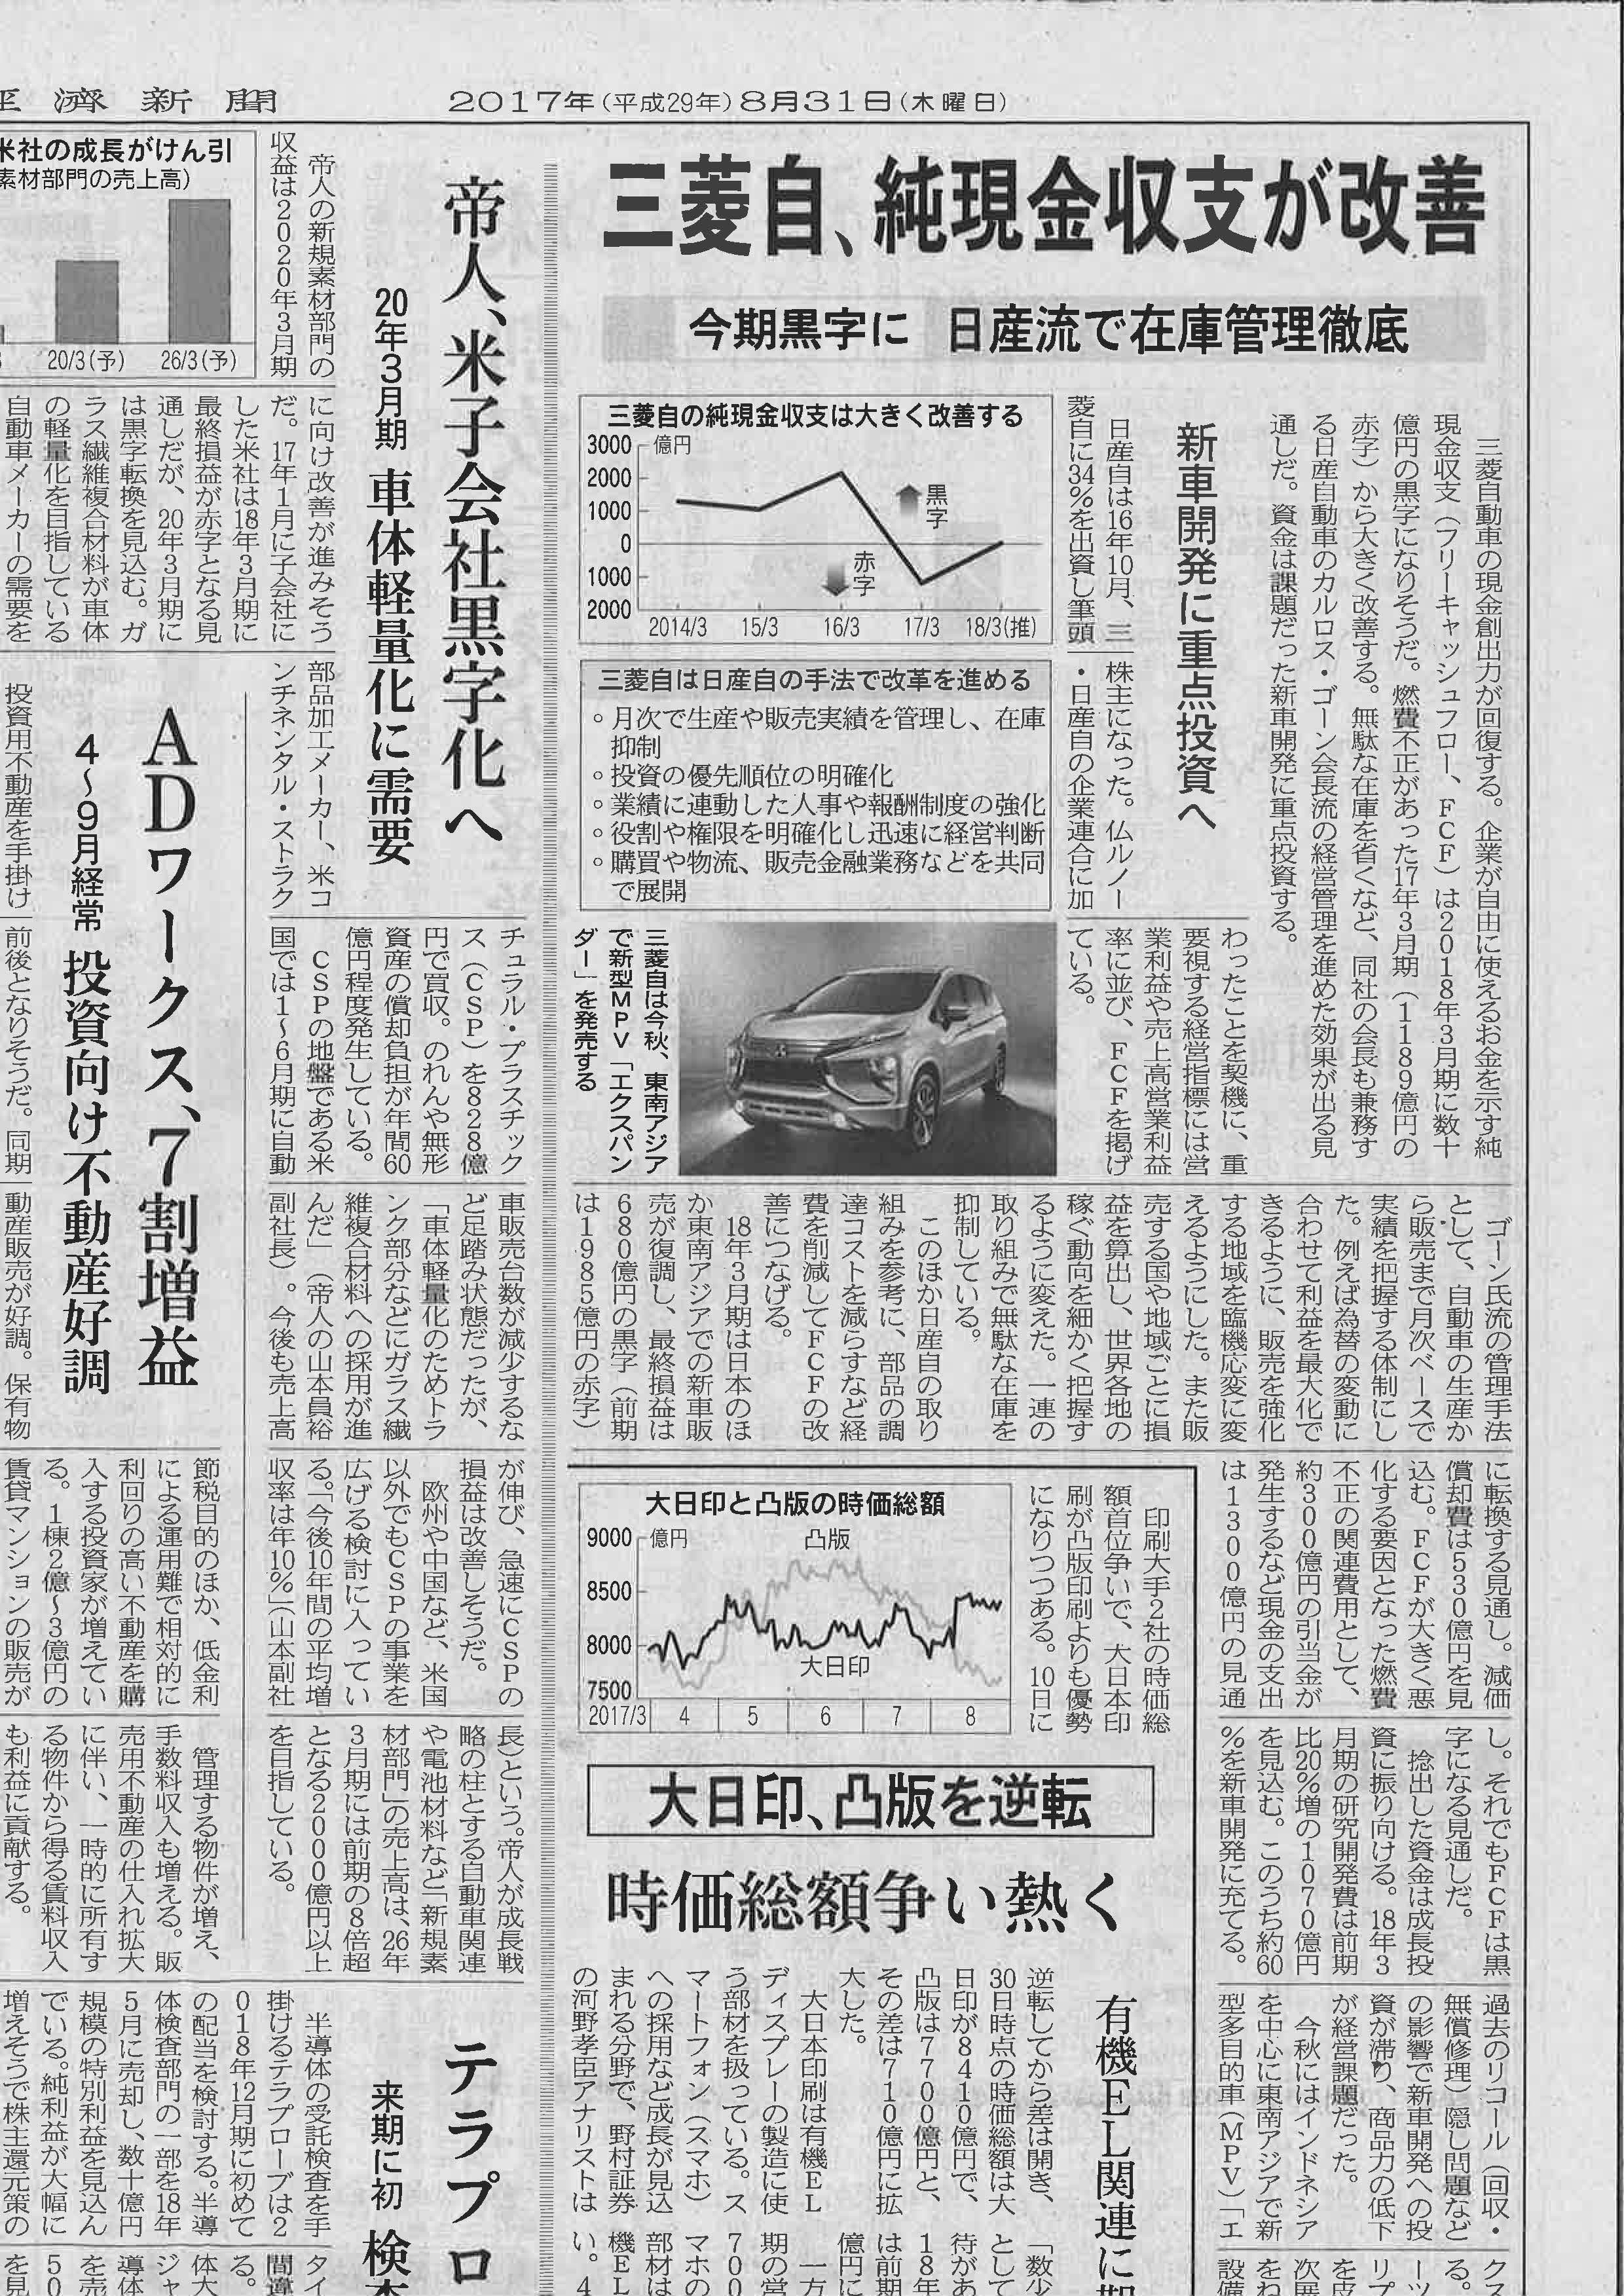 三菱自動車 復活 純利益 日経